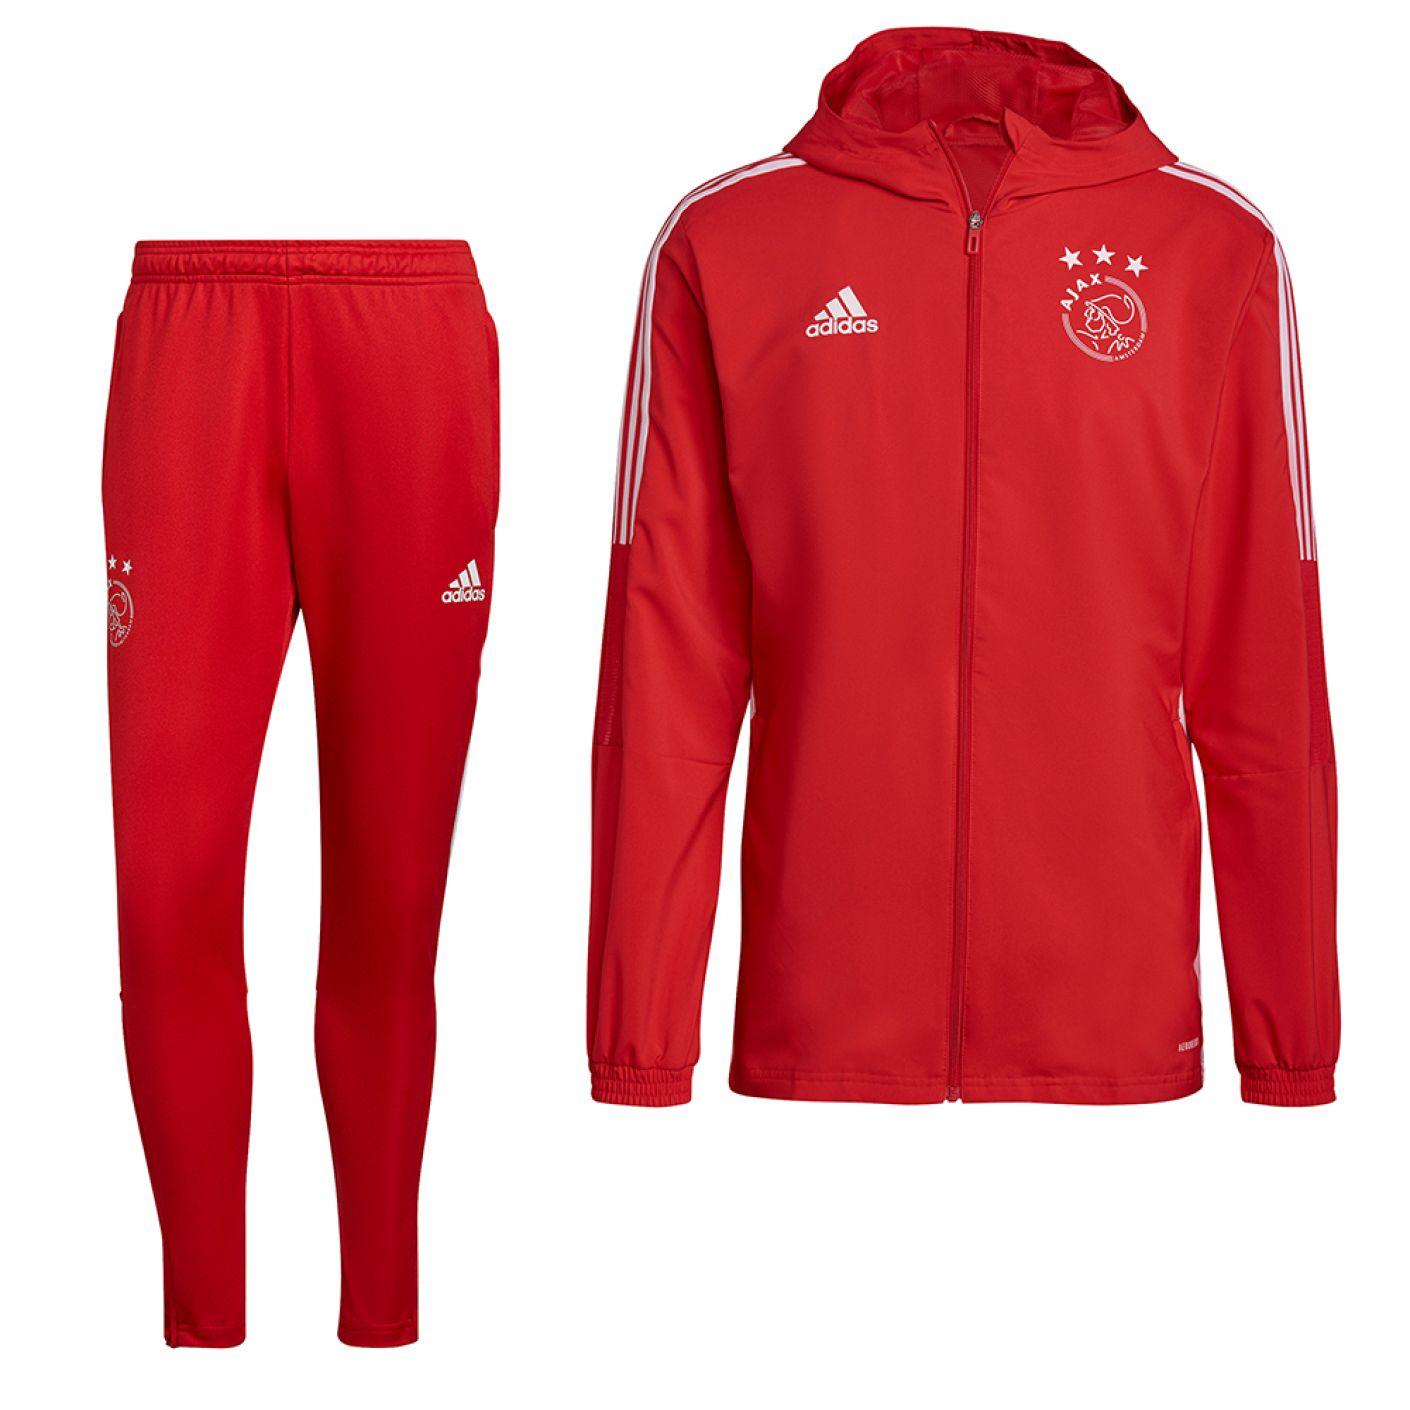 adidas Ajax Presentatie Trainingspak 2021-2022 Rood